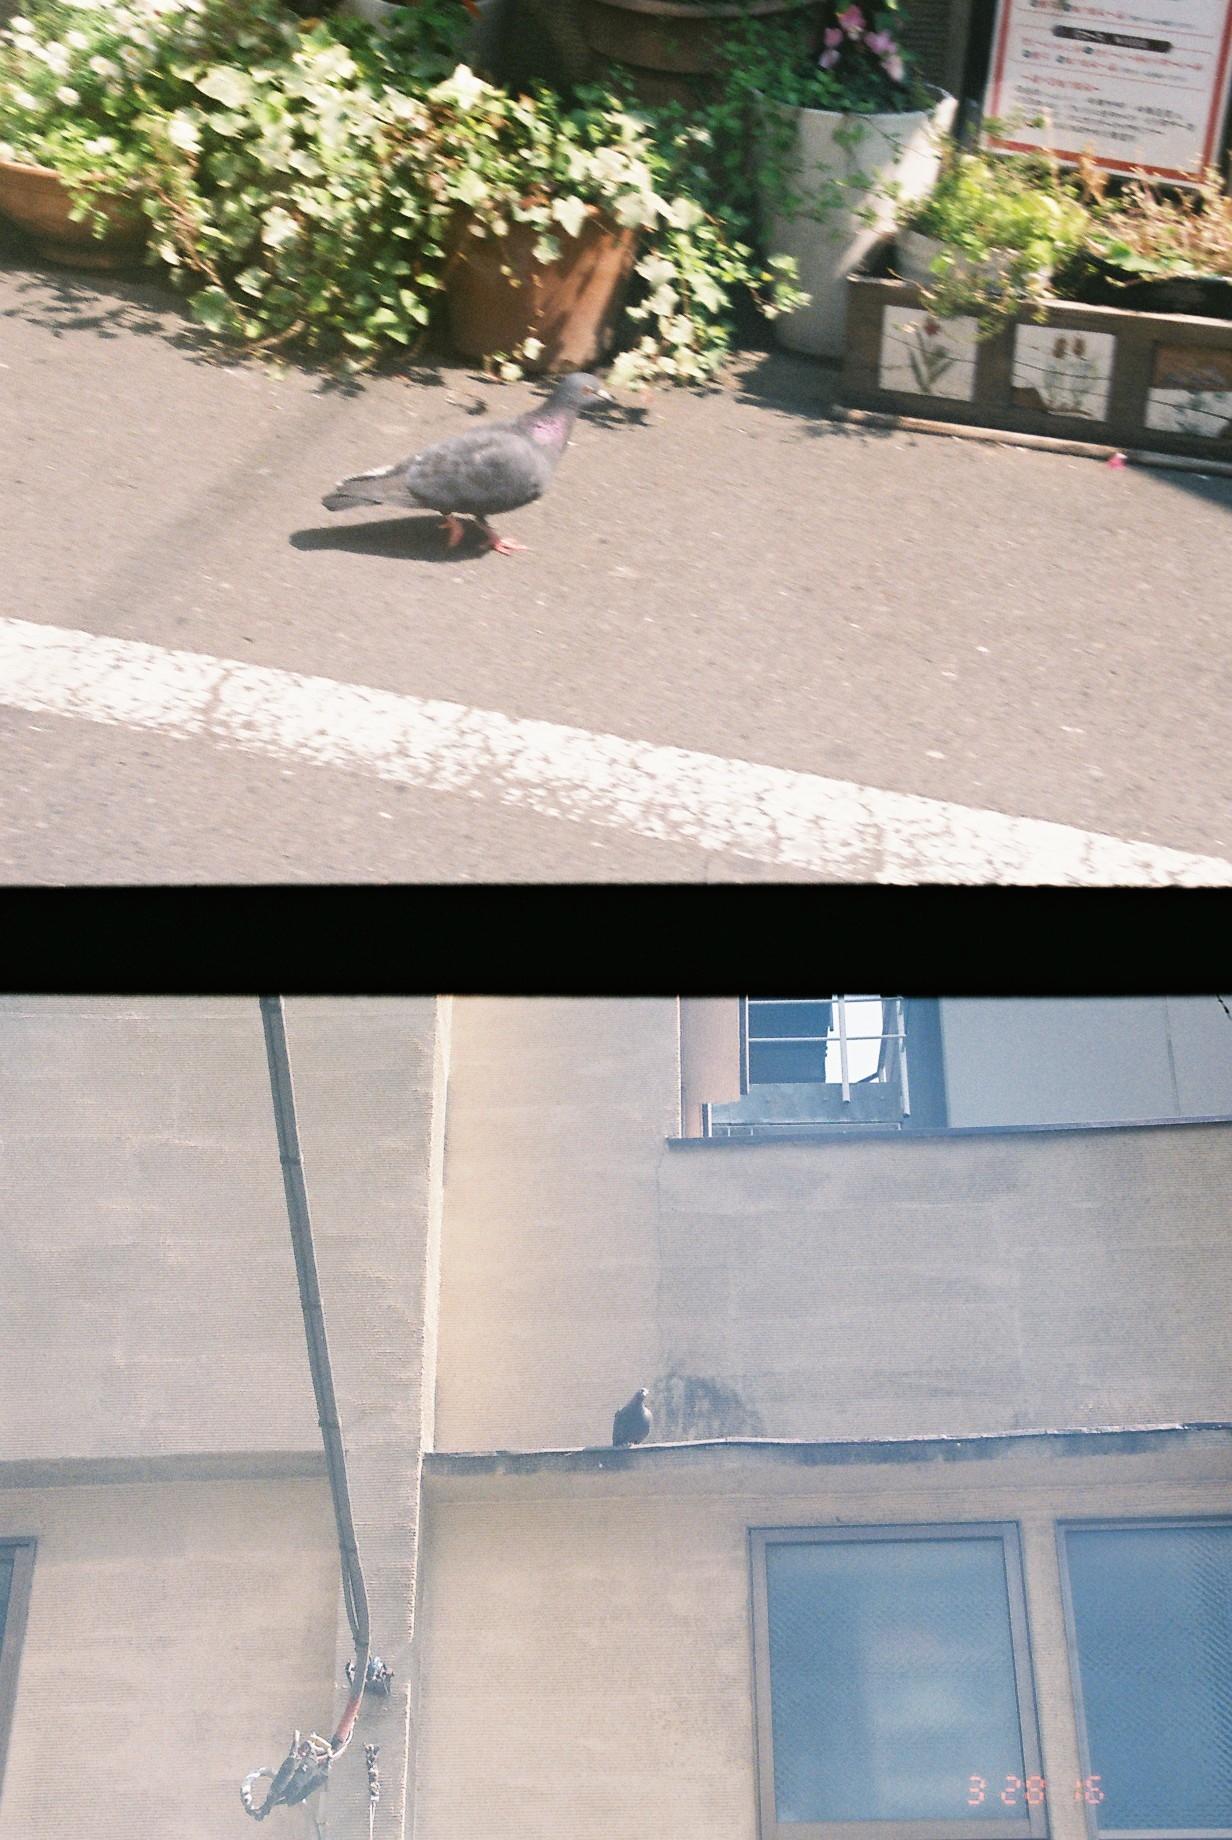 【ハーフサイズカメラ】で写真を撮ってみた!